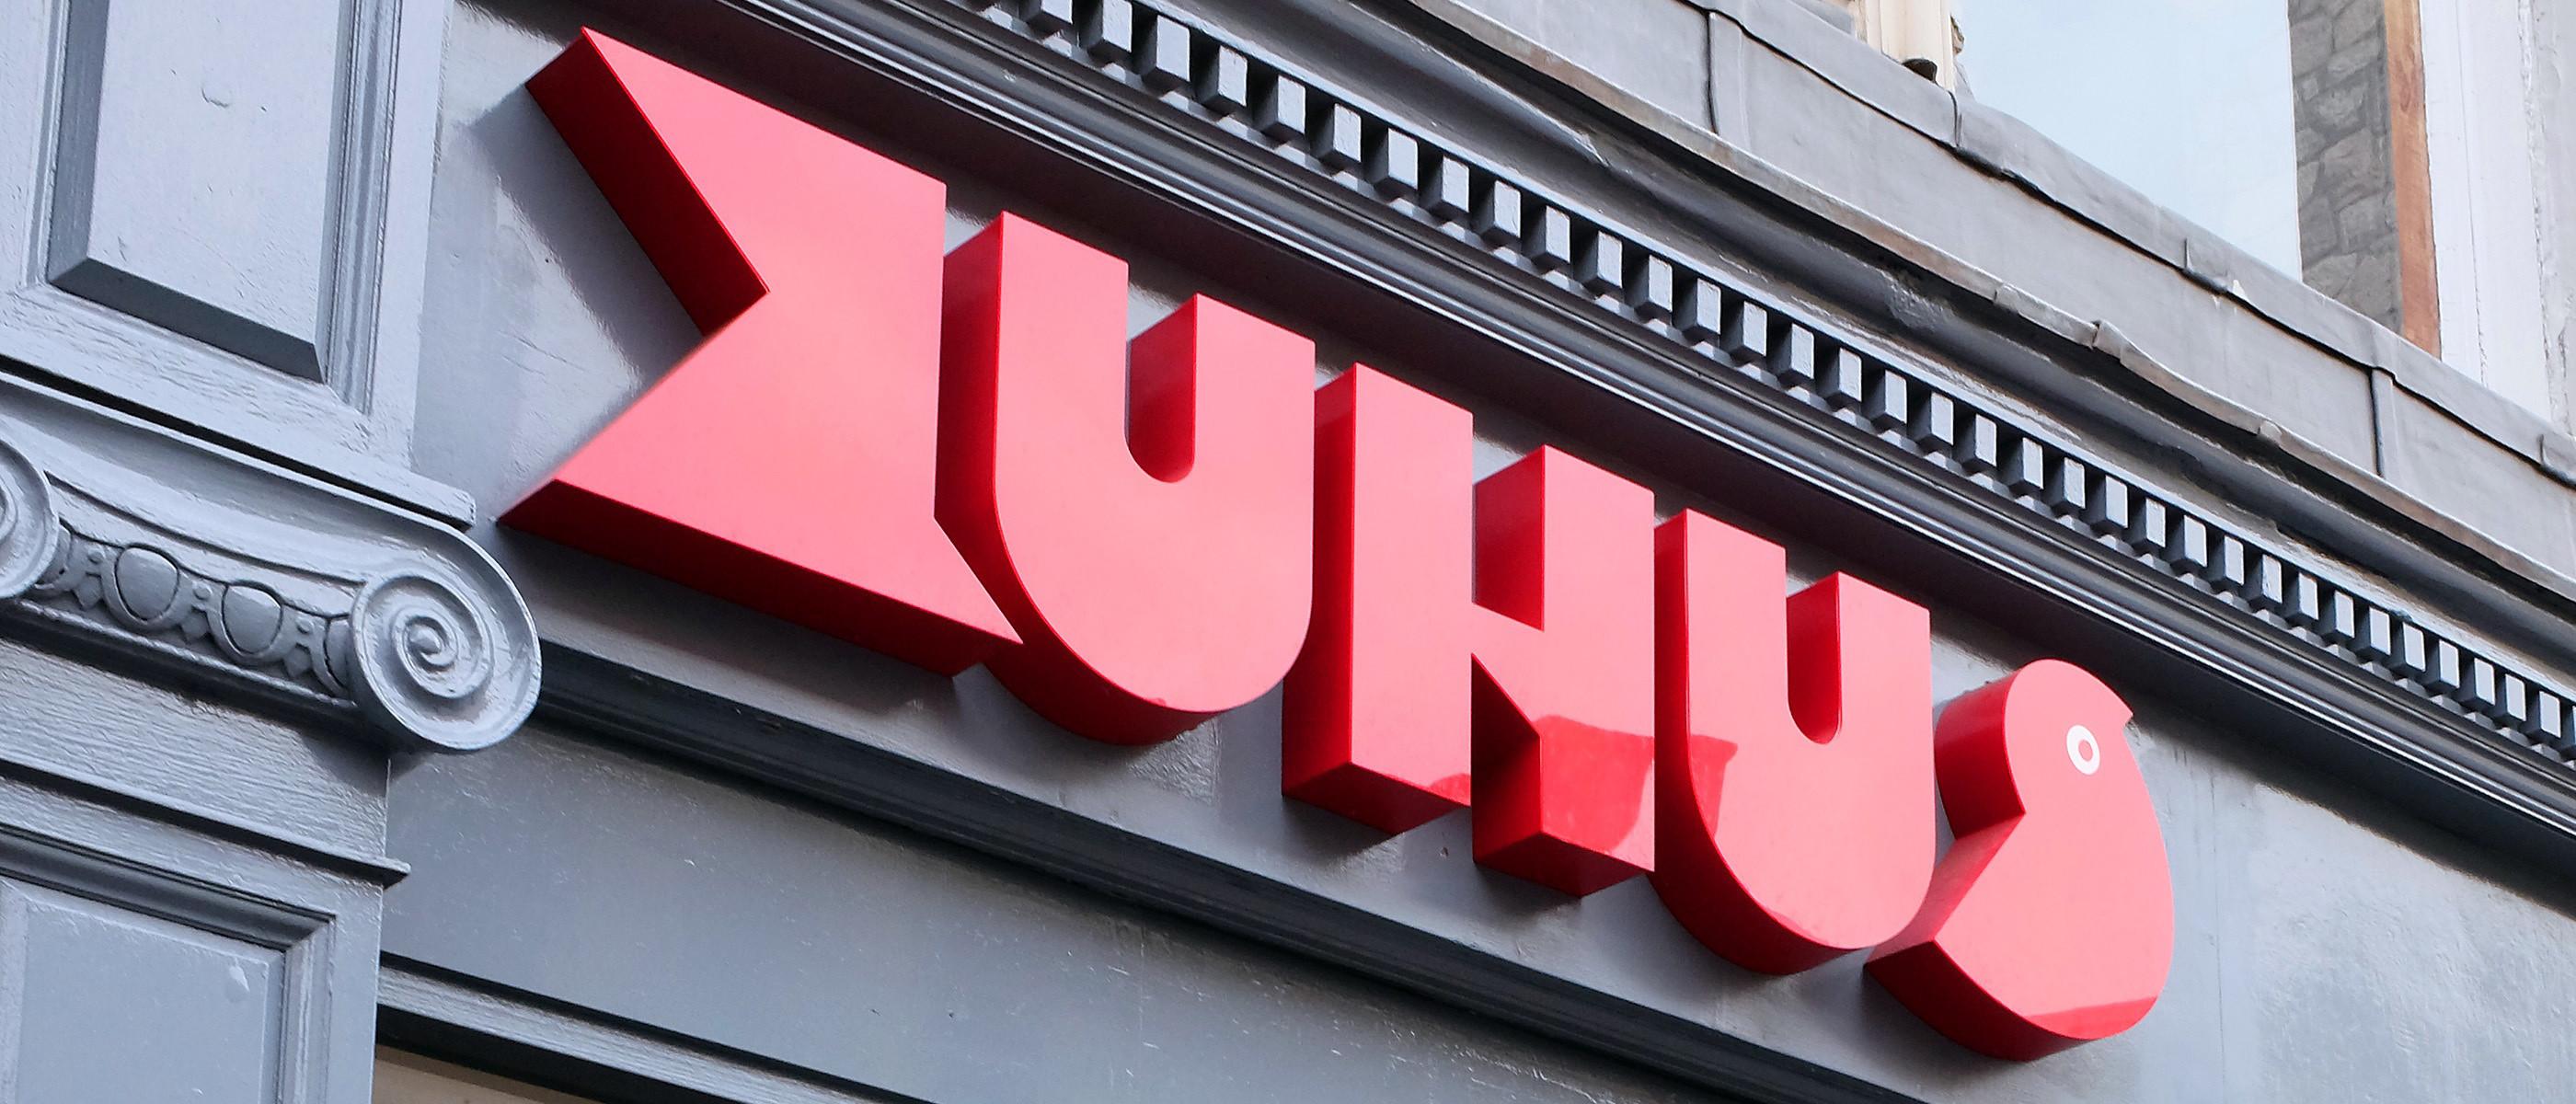 ZUHUS